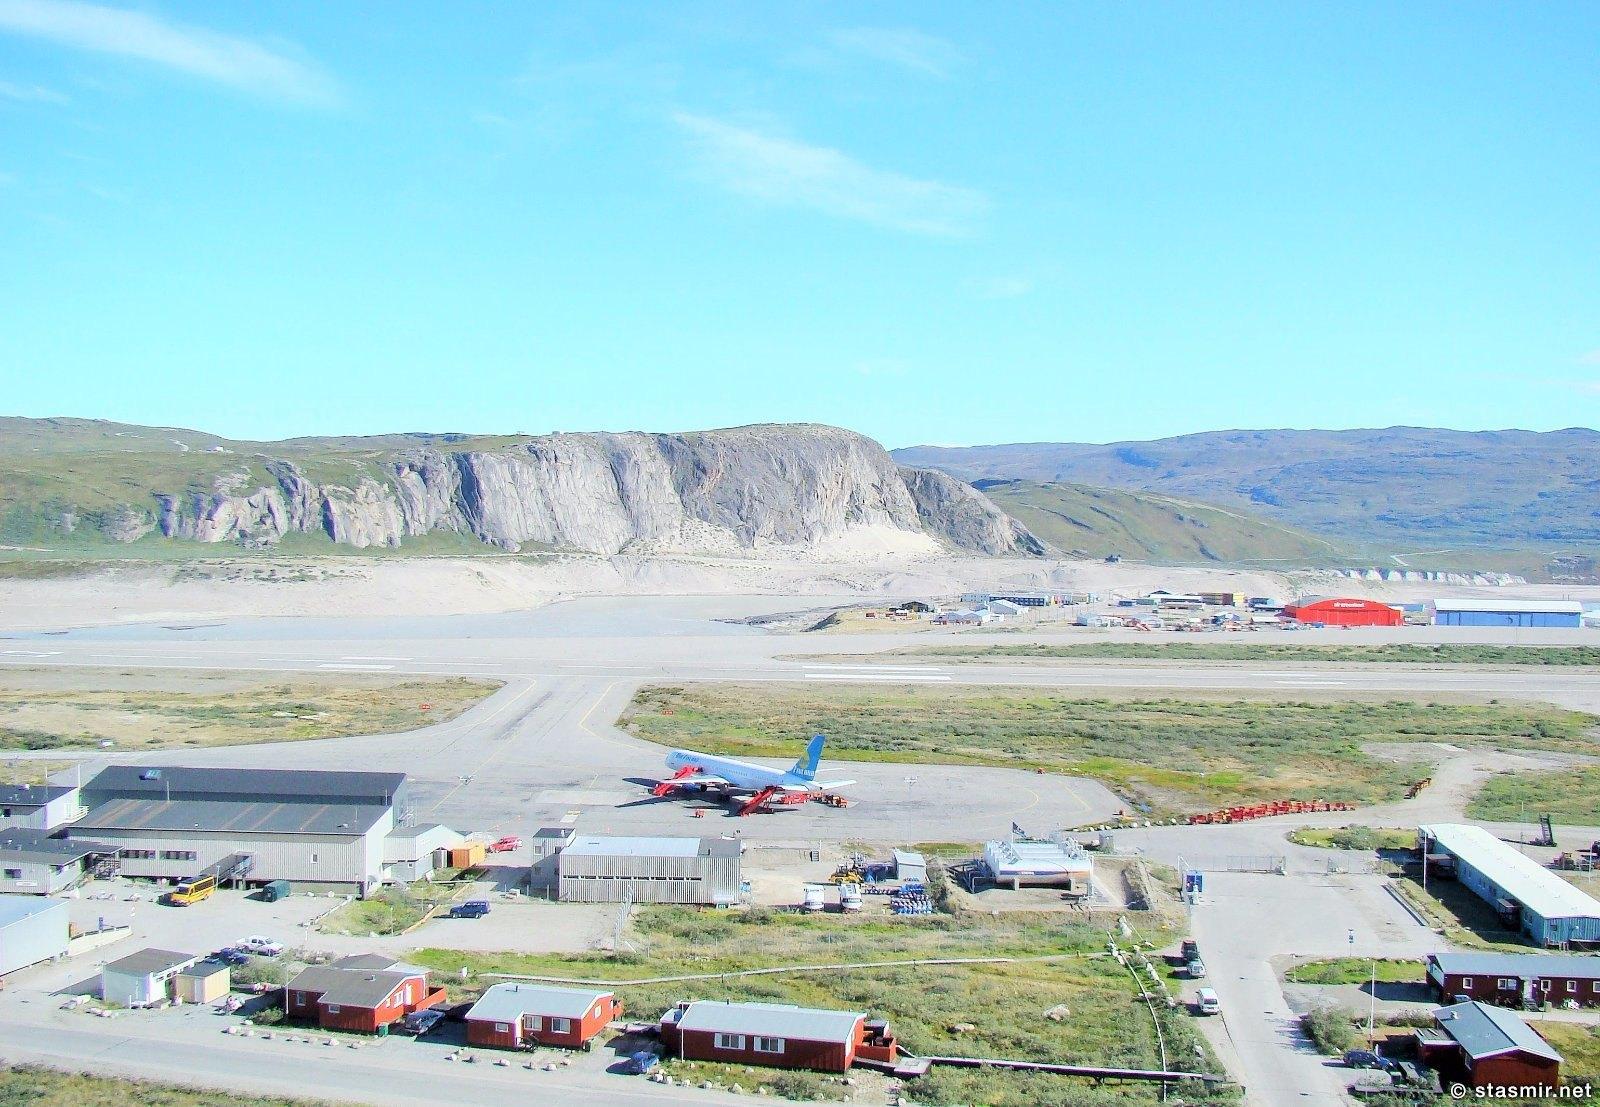 Кангерлуссуак, пересадочный аэродром в Гренландии, фото Стасмир, photo Stasmir